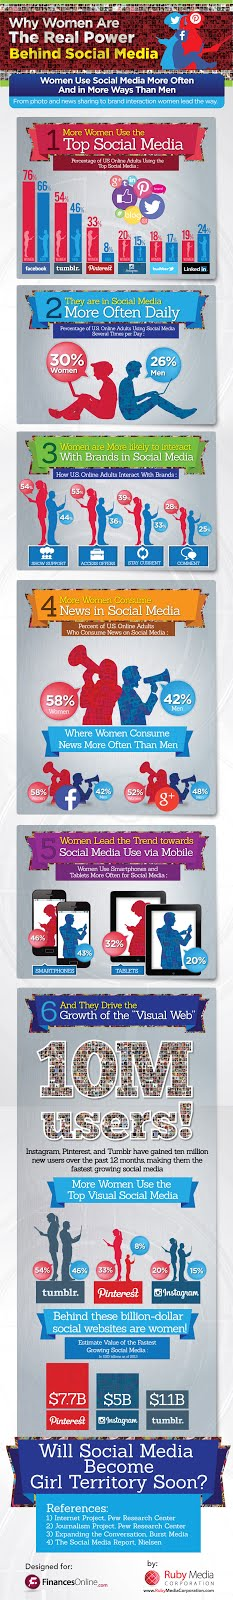 dati-donne-social-network-infographic.jpg